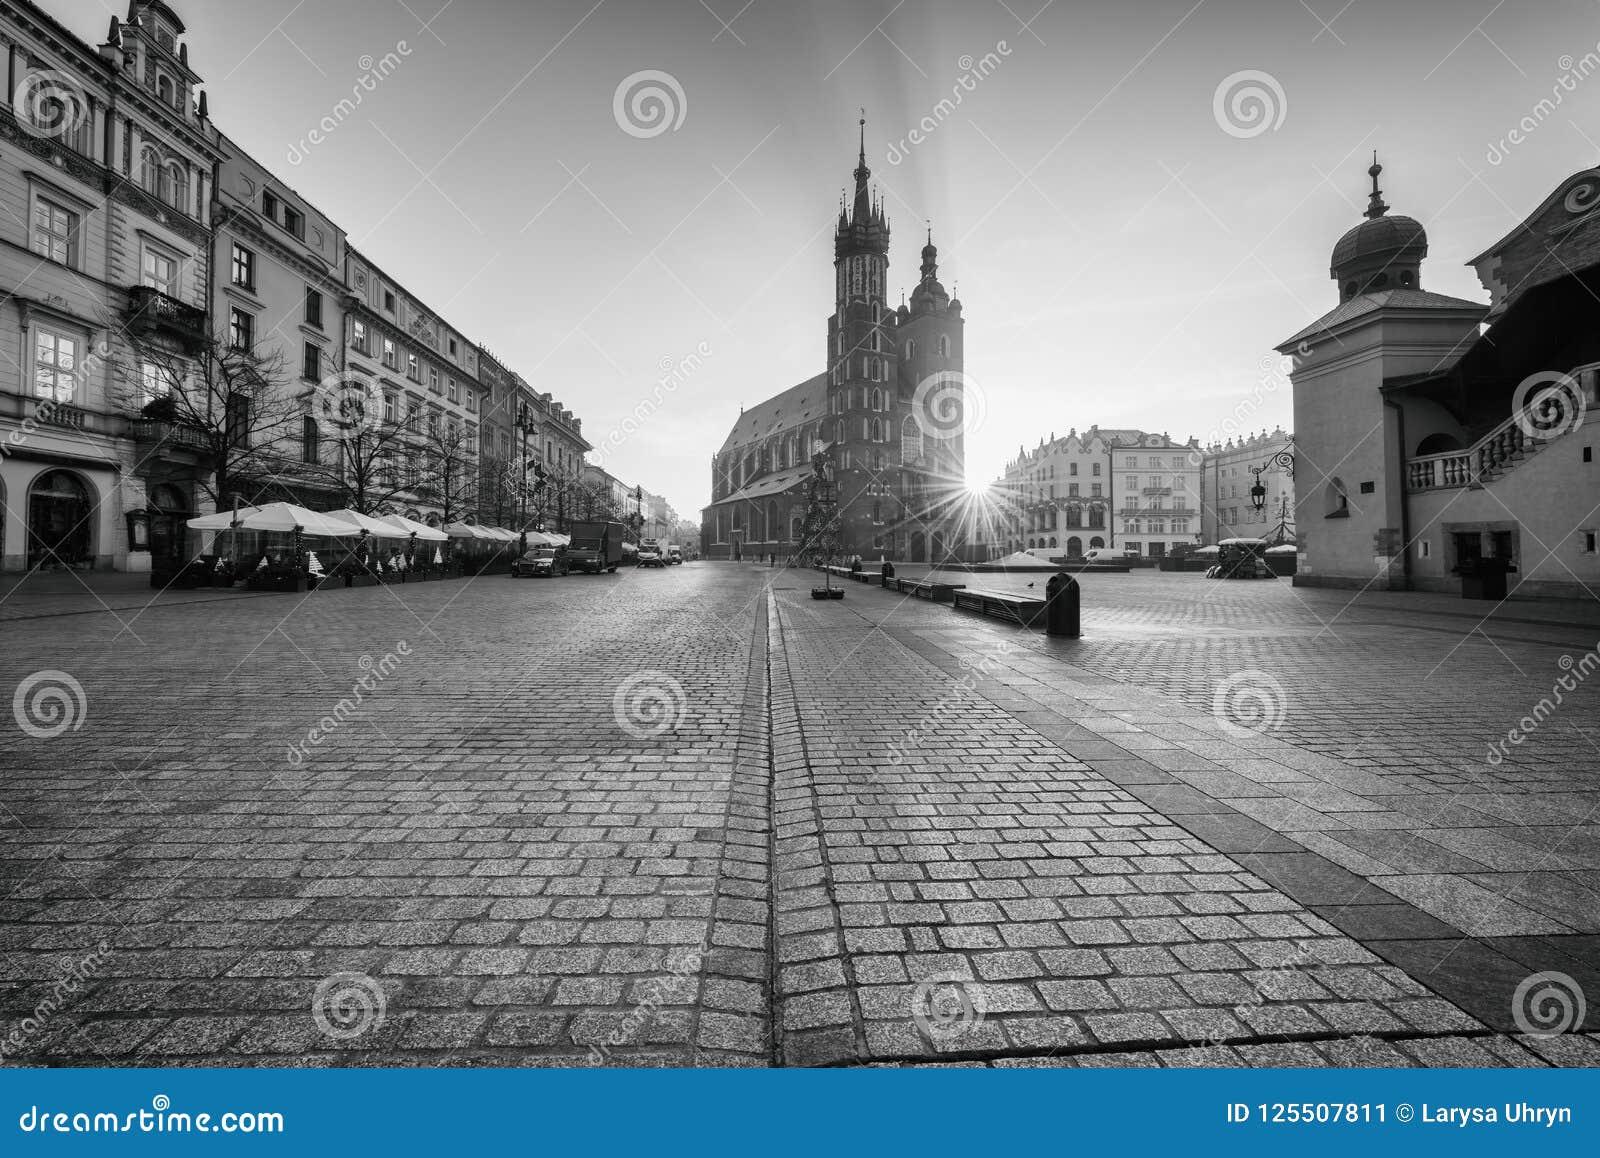 Alte Stadt Krakaus, Marktplatz mit St- Mary` s Kirche bei Sonnenaufgang, historisches Mittelstadtbild, Polen, Europa